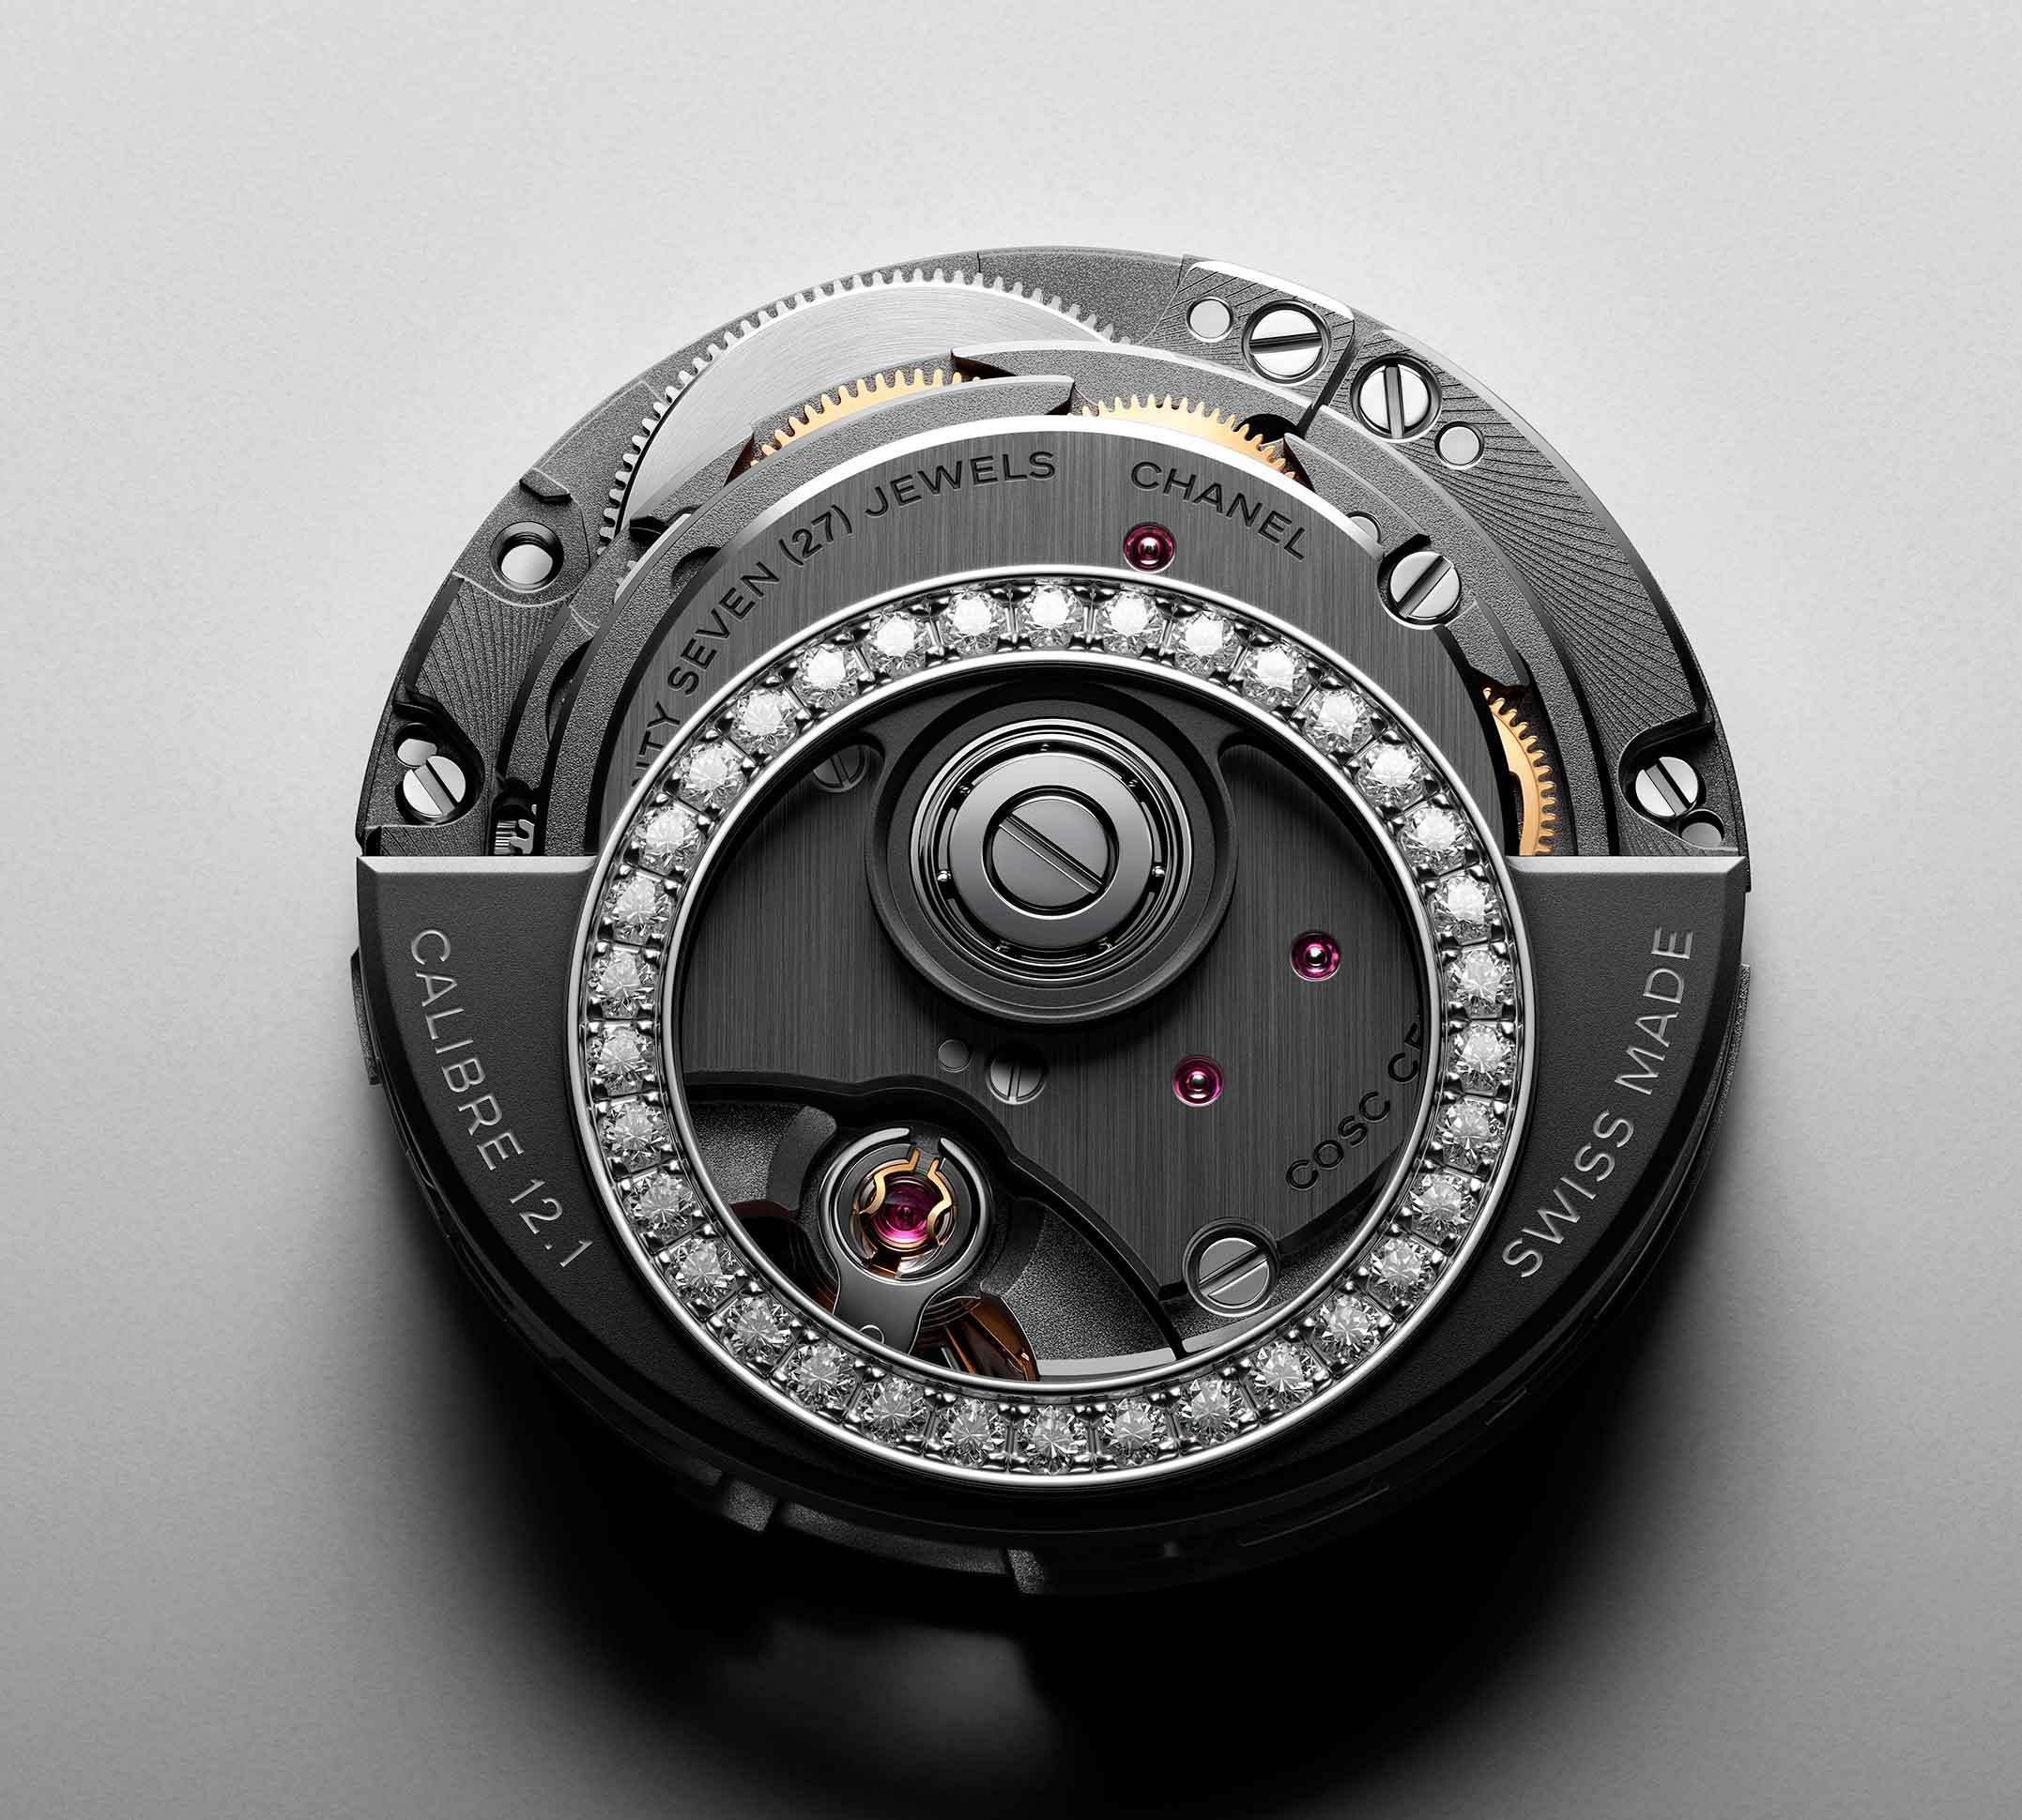 Calibre 12.1 del reloj Chanel J12 con rotor engatado com diamantes